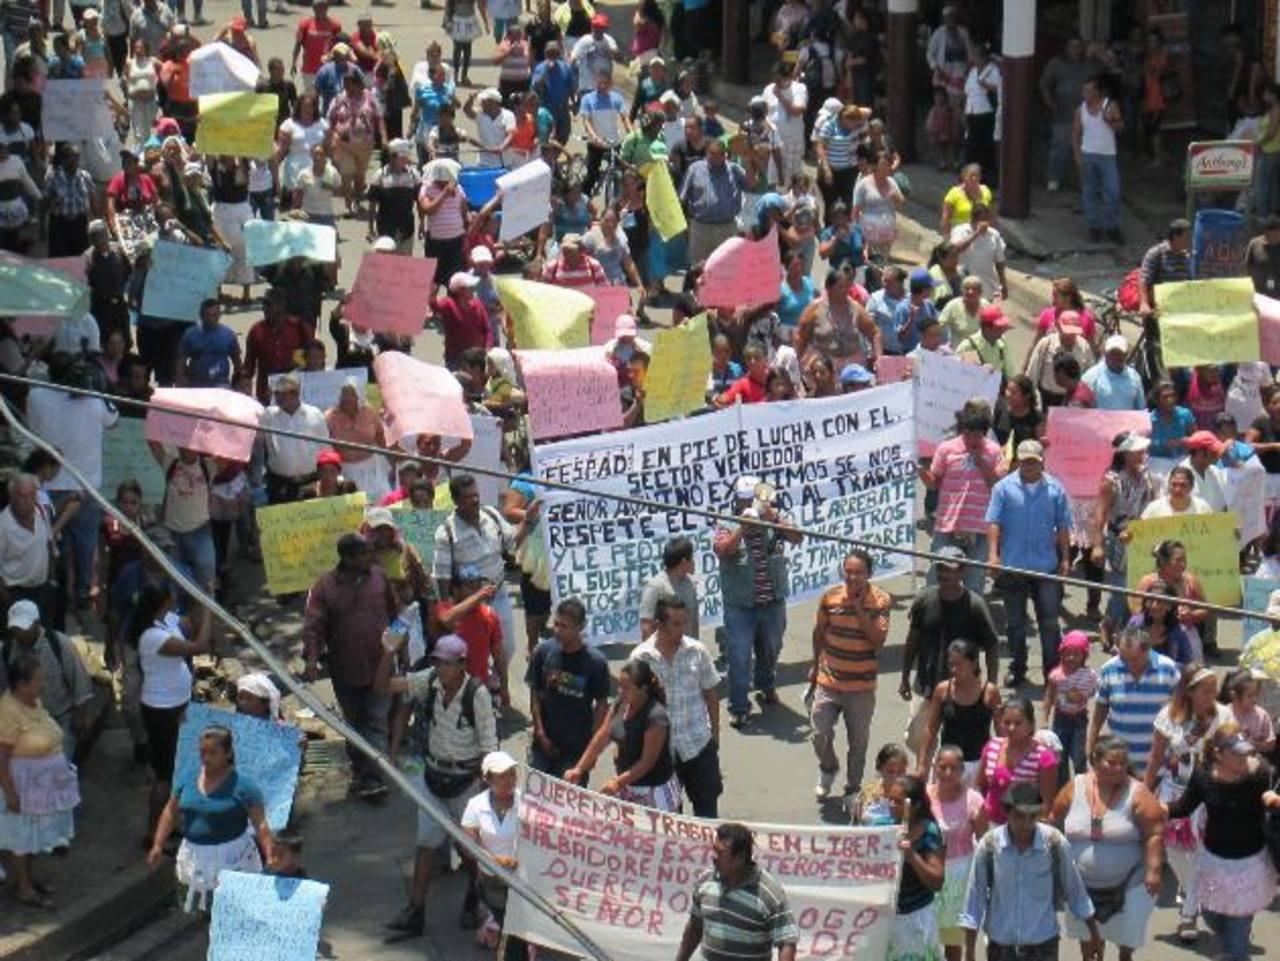 Los vendedores exigieron al alcalde permitir el comercio en las calles. Foto EDH / milton jaco